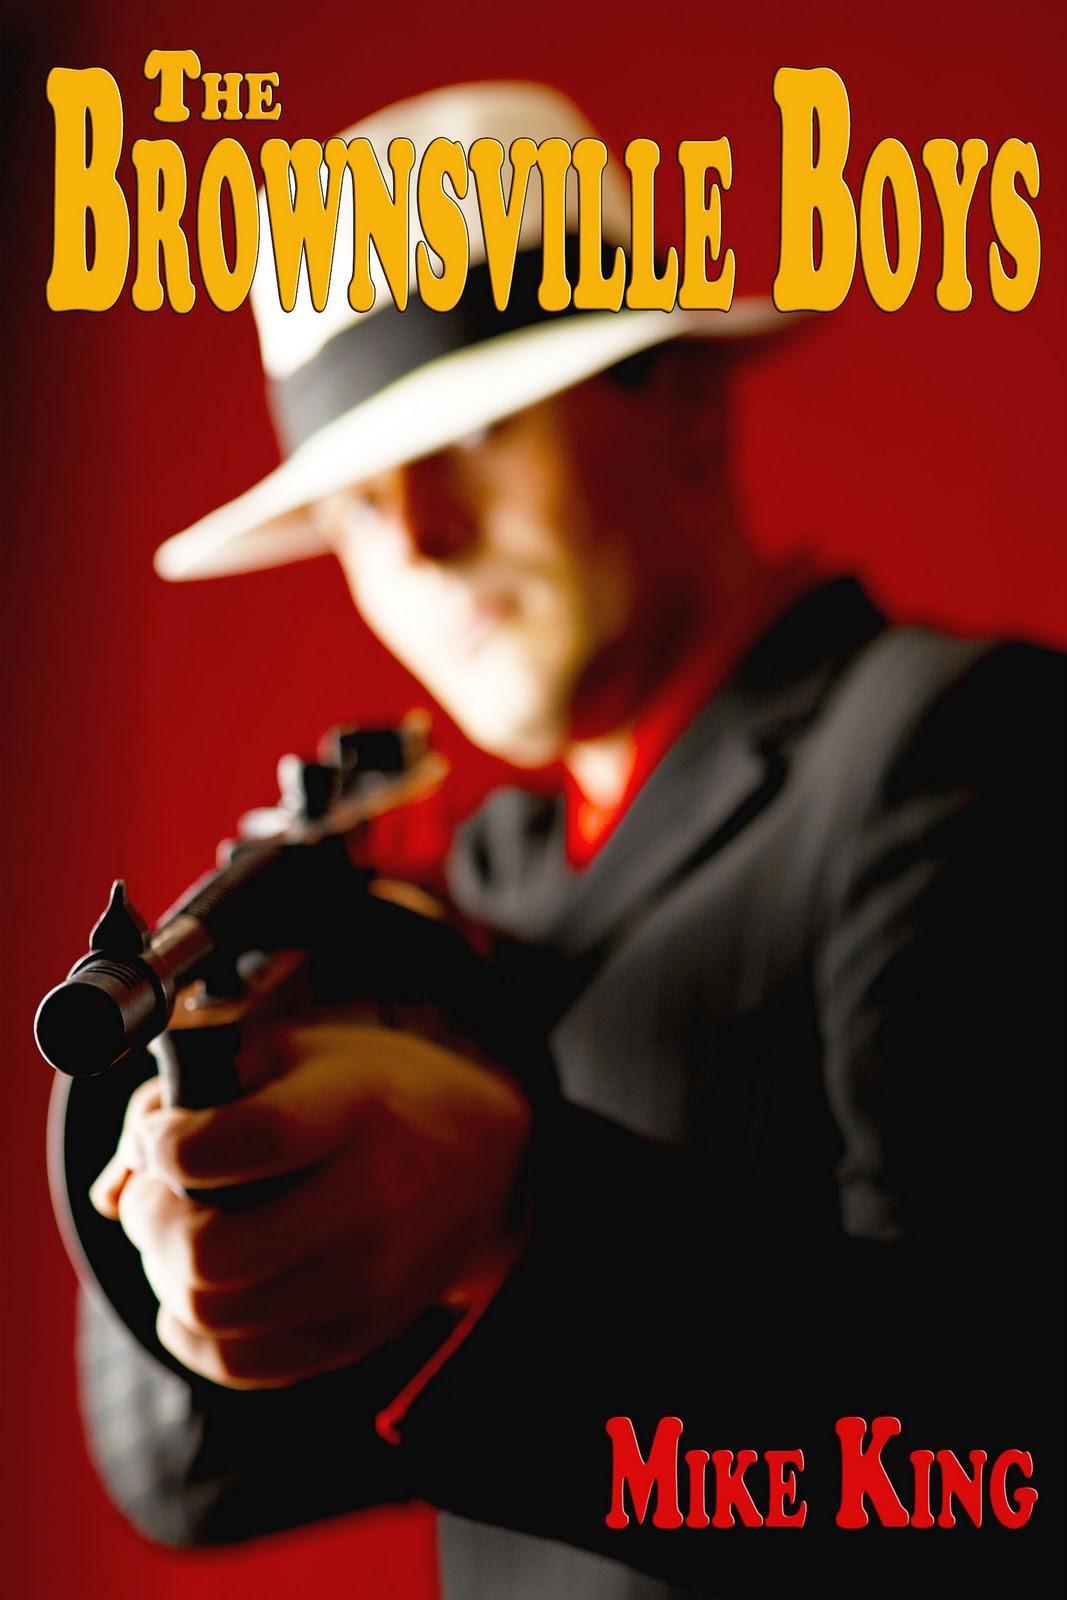 http://4.bp.blogspot.com/-mUH17bL5y2w/TffrNztz90I/AAAAAAAADks/dxSFgJIp3OY/s1600/Brownsville_Boys.jpg